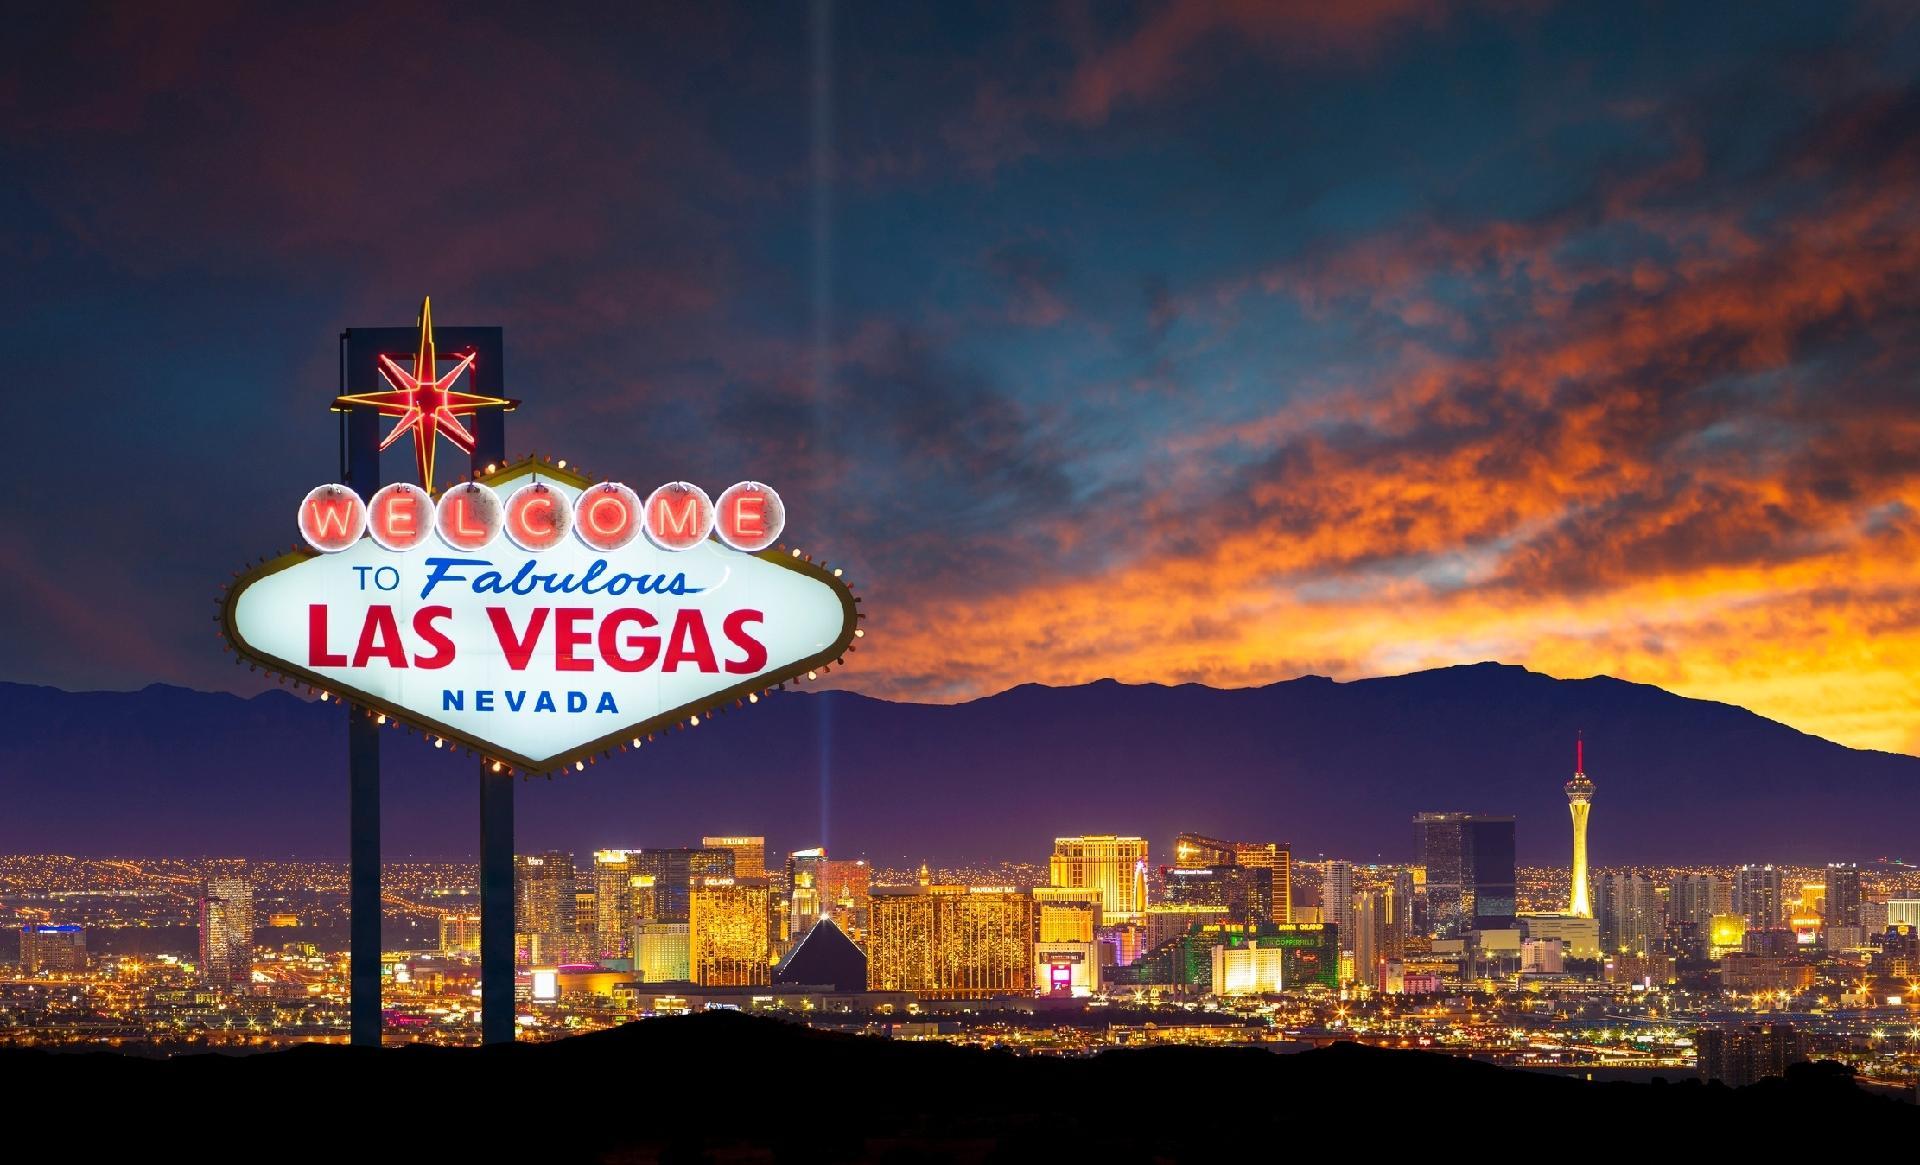 Coronavírus: Trabalhadores de cassinos em Las Vegas, deixados à própria sorte em 'cidade fantasma'